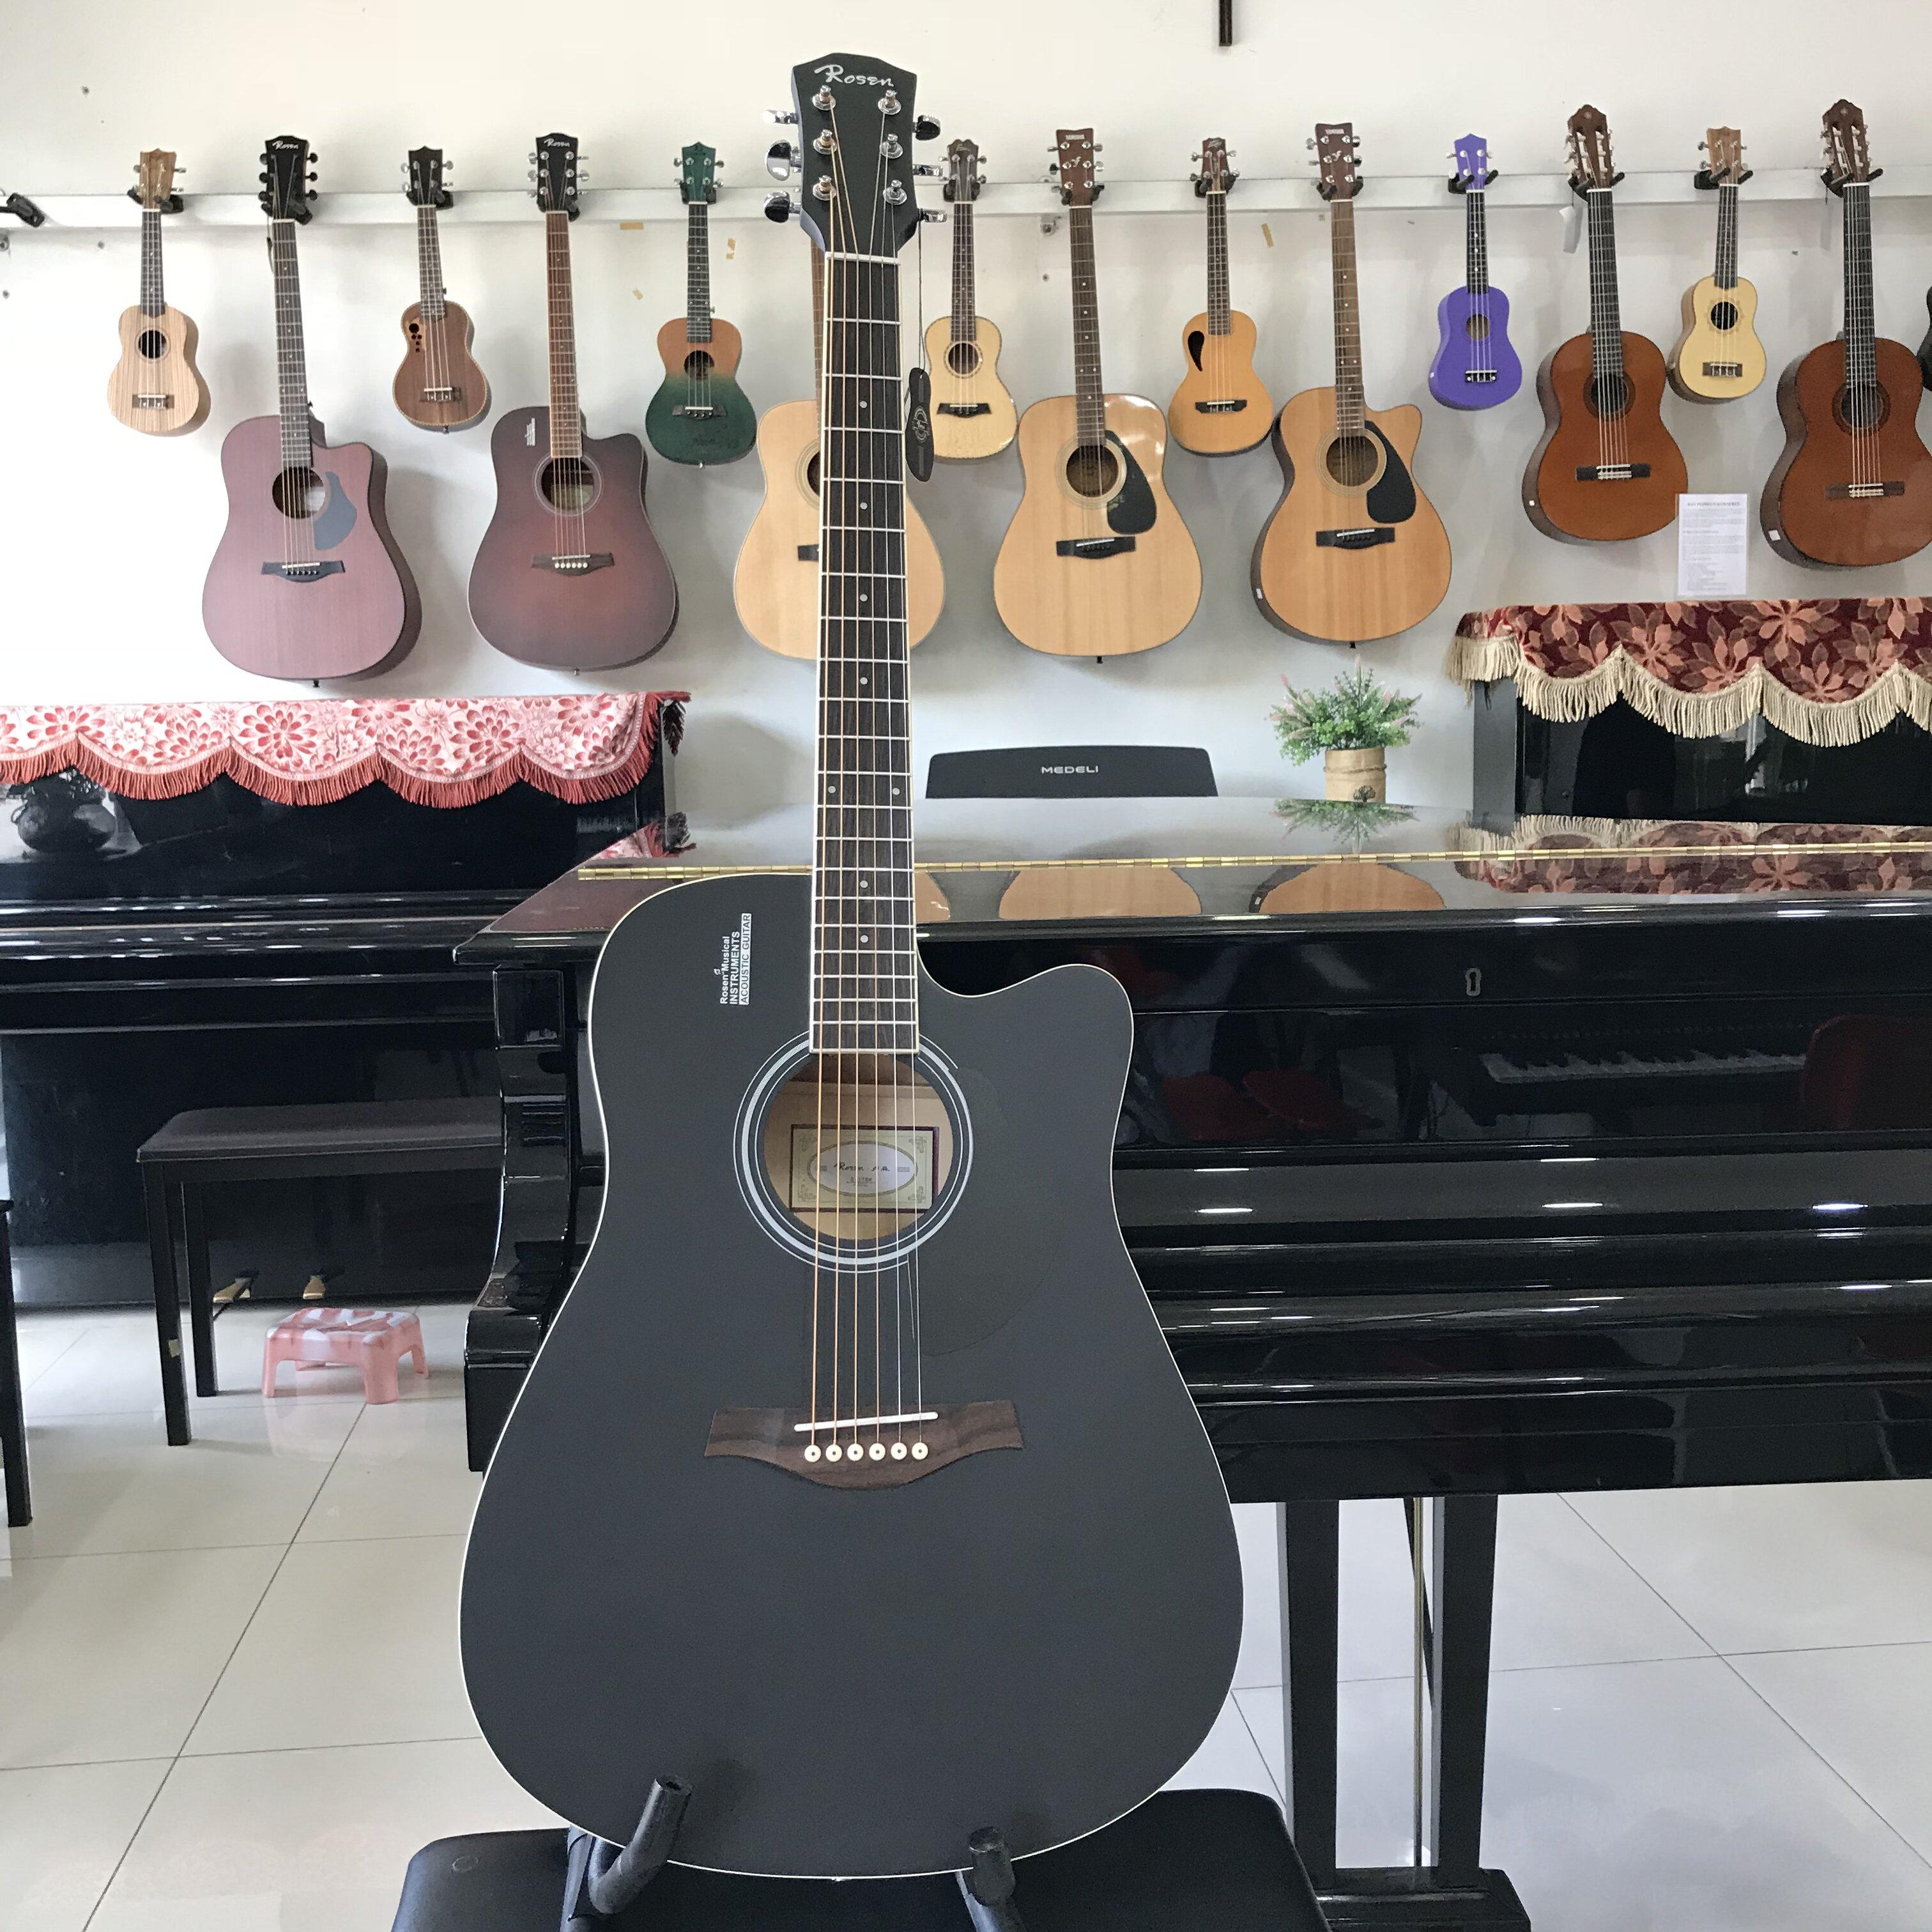 Guitar Acoustic Rosen G11 BK Đen Mờ-TT Ngọc Hưng Phát- Biên Hòa